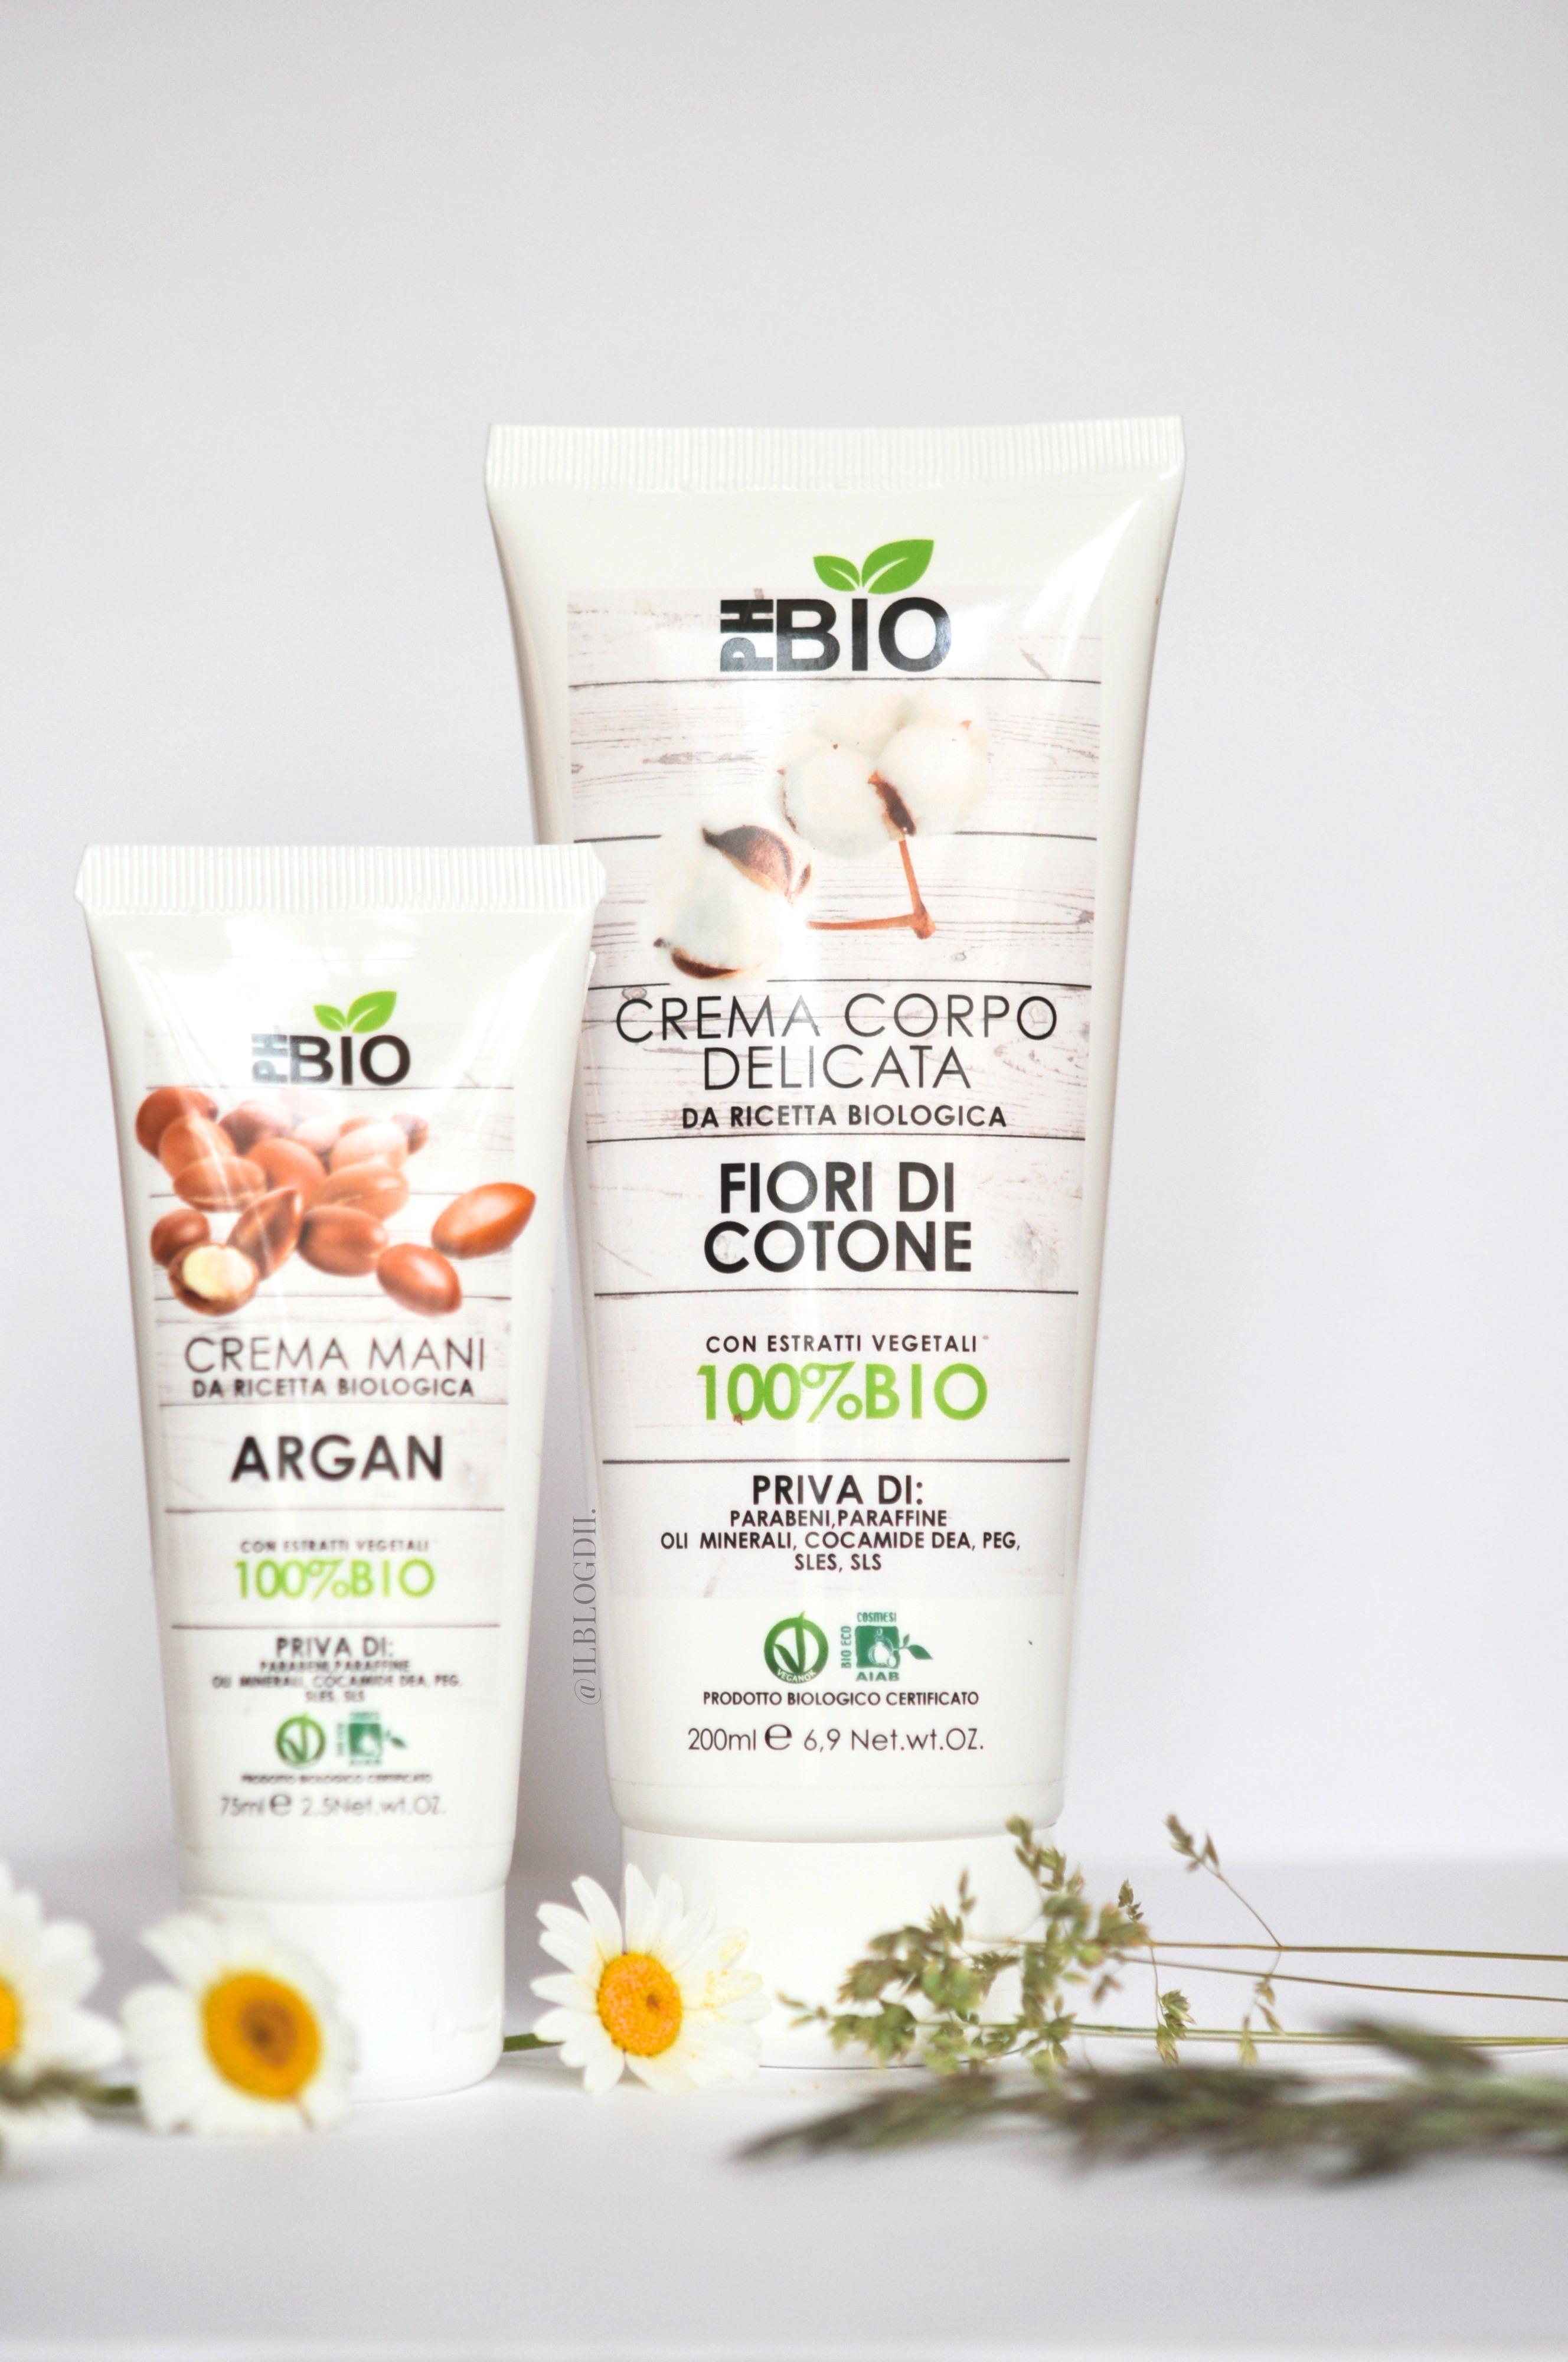 phbio skincare